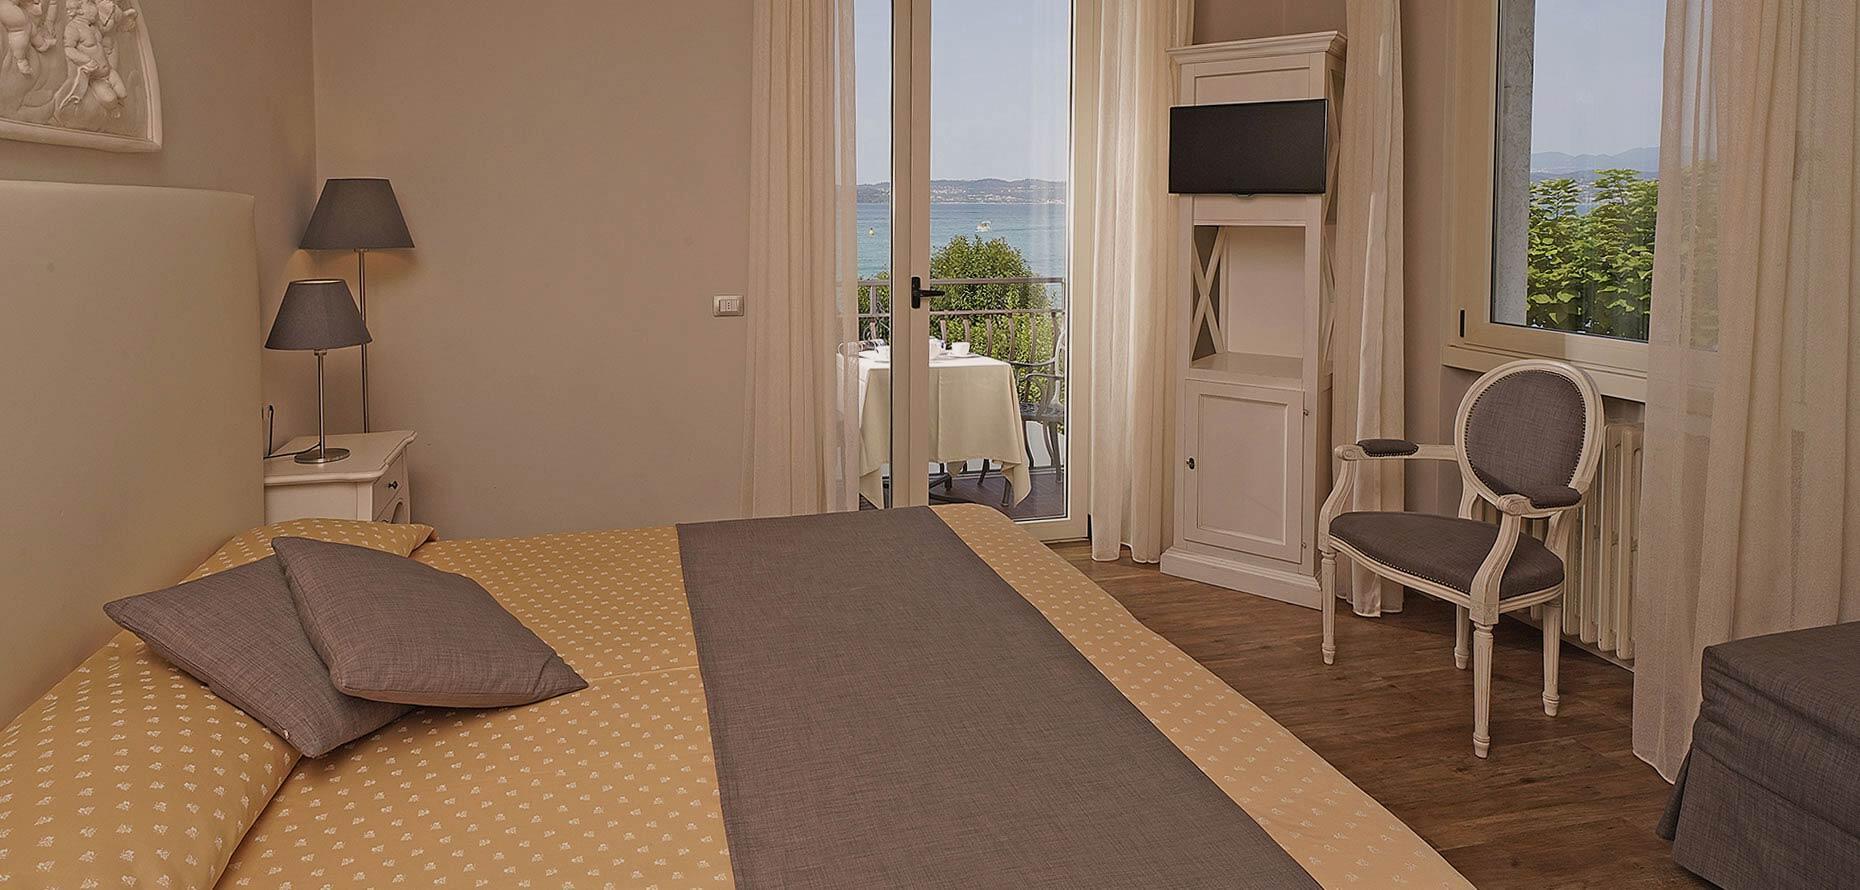 hotelmarconisirmione it home 004